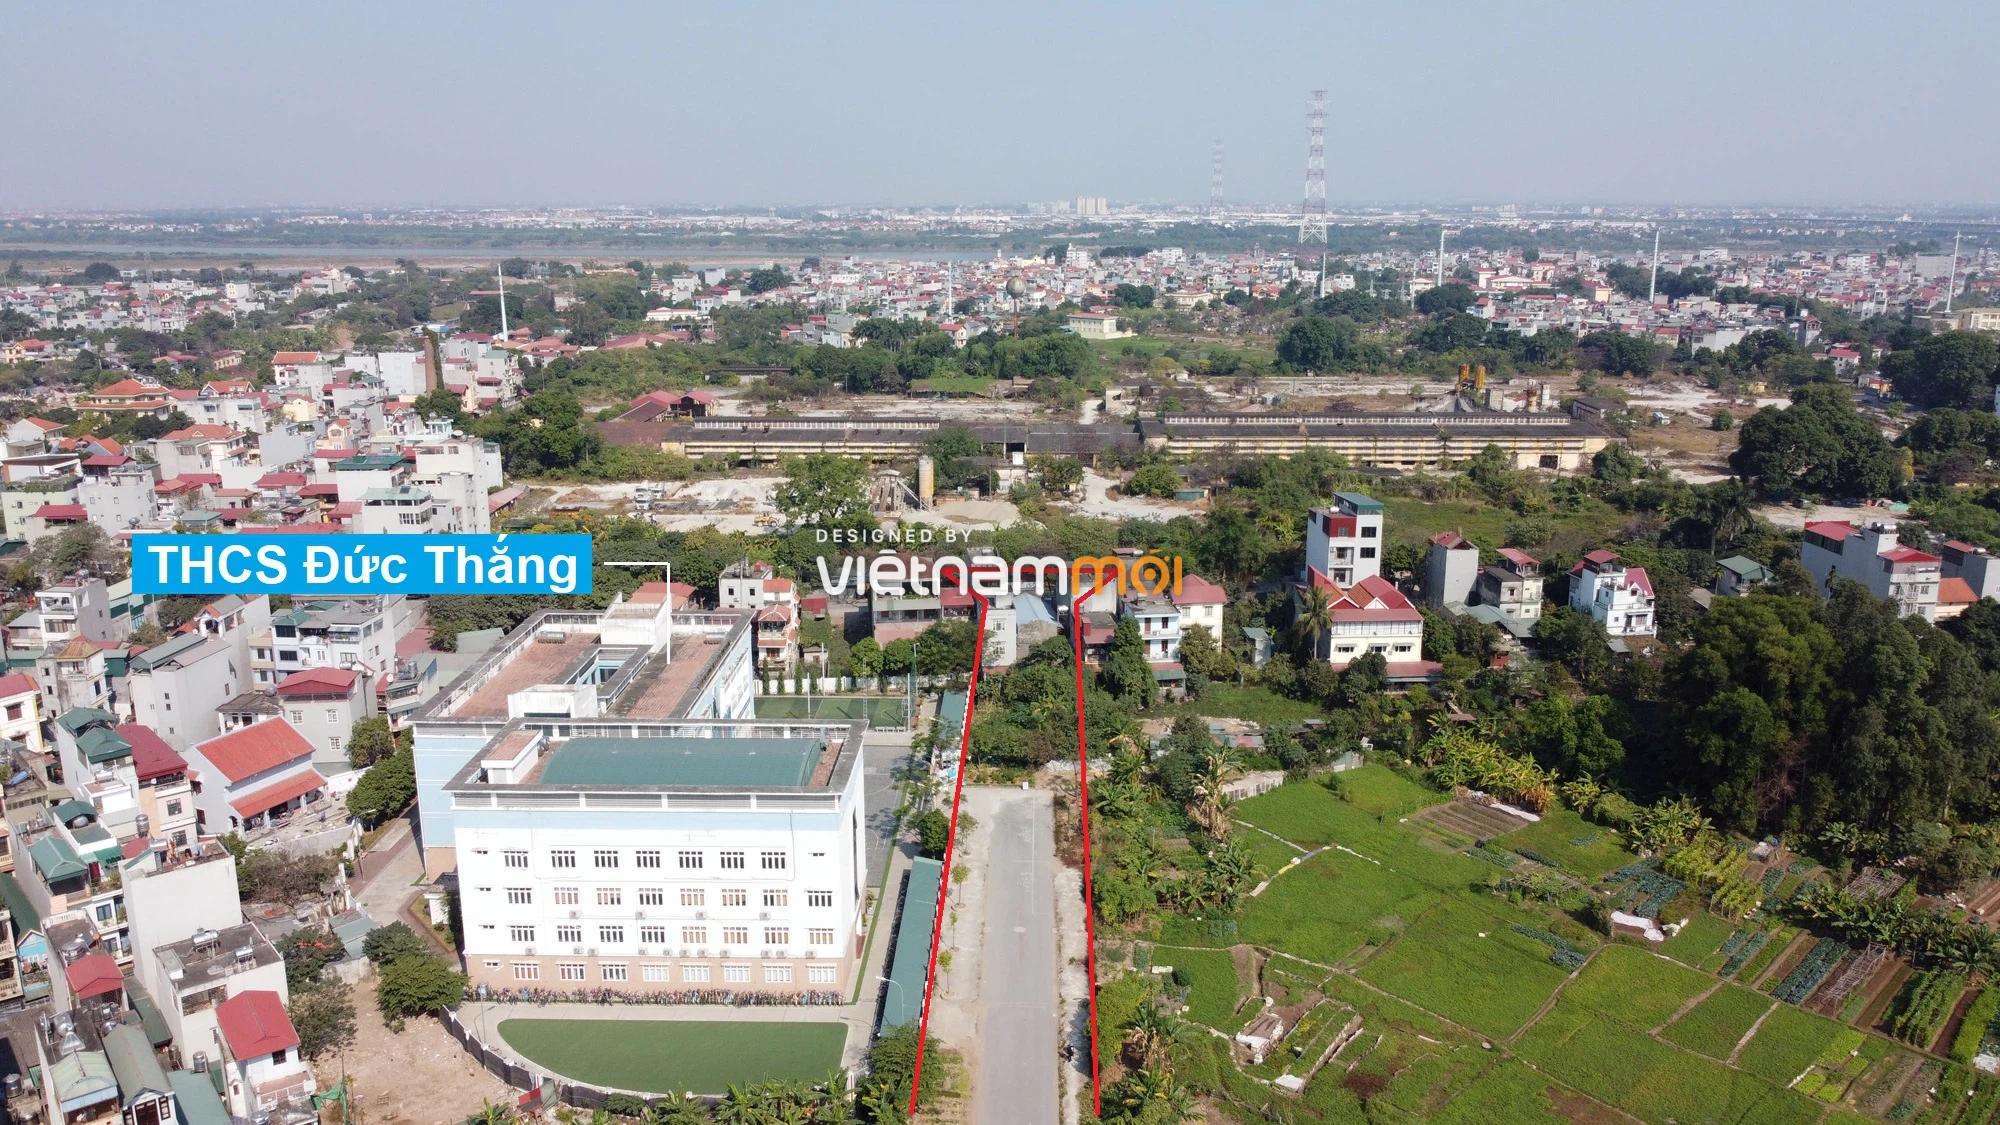 Những khu đất sắp thu hồi để mở đường ở quận Bắc Từ Liêm, Hà Nội (phần 2) - Ảnh 14.